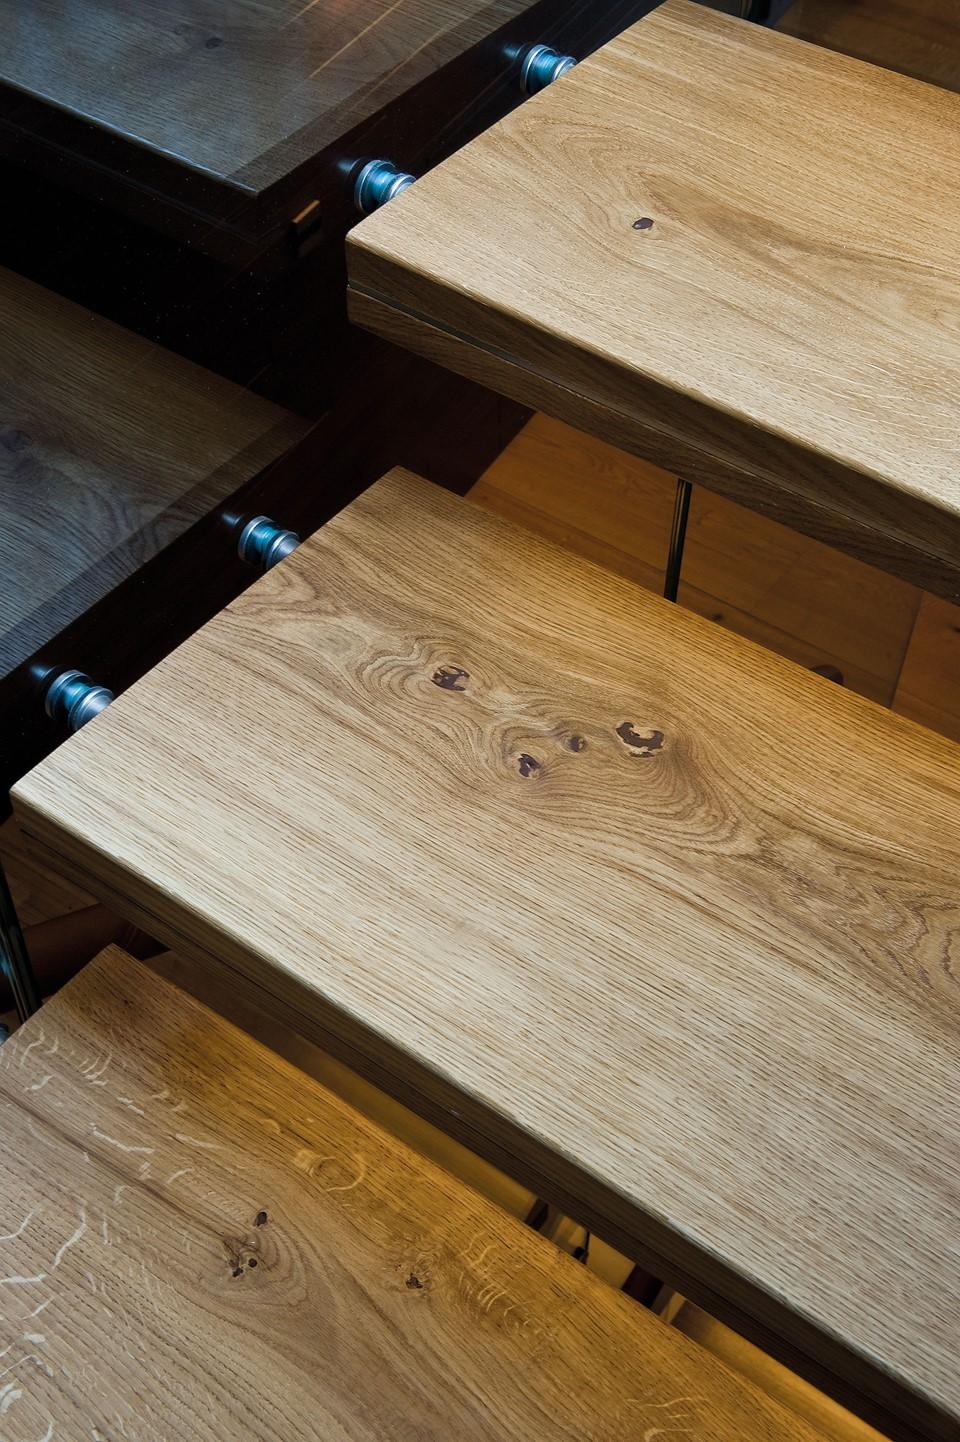 oak-hardwood-floors-heartoak_natural-oil_strib-residence_stair-treads_dinesen.jpg